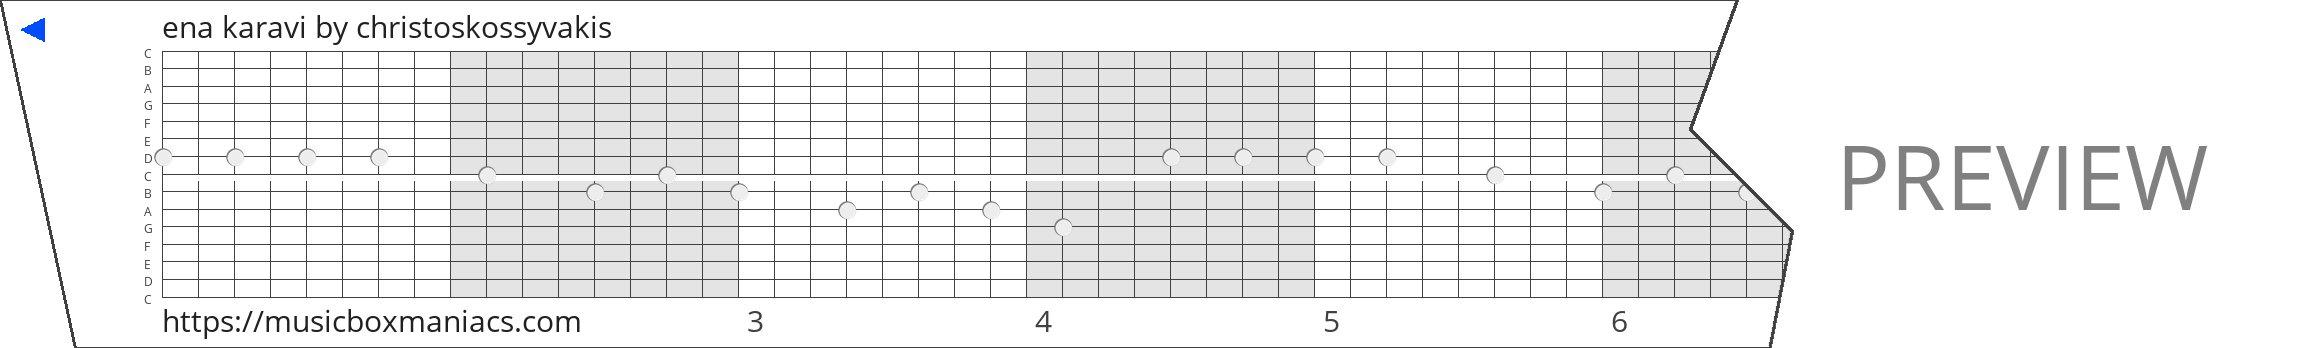 ena karavi 15 note music box paper strip